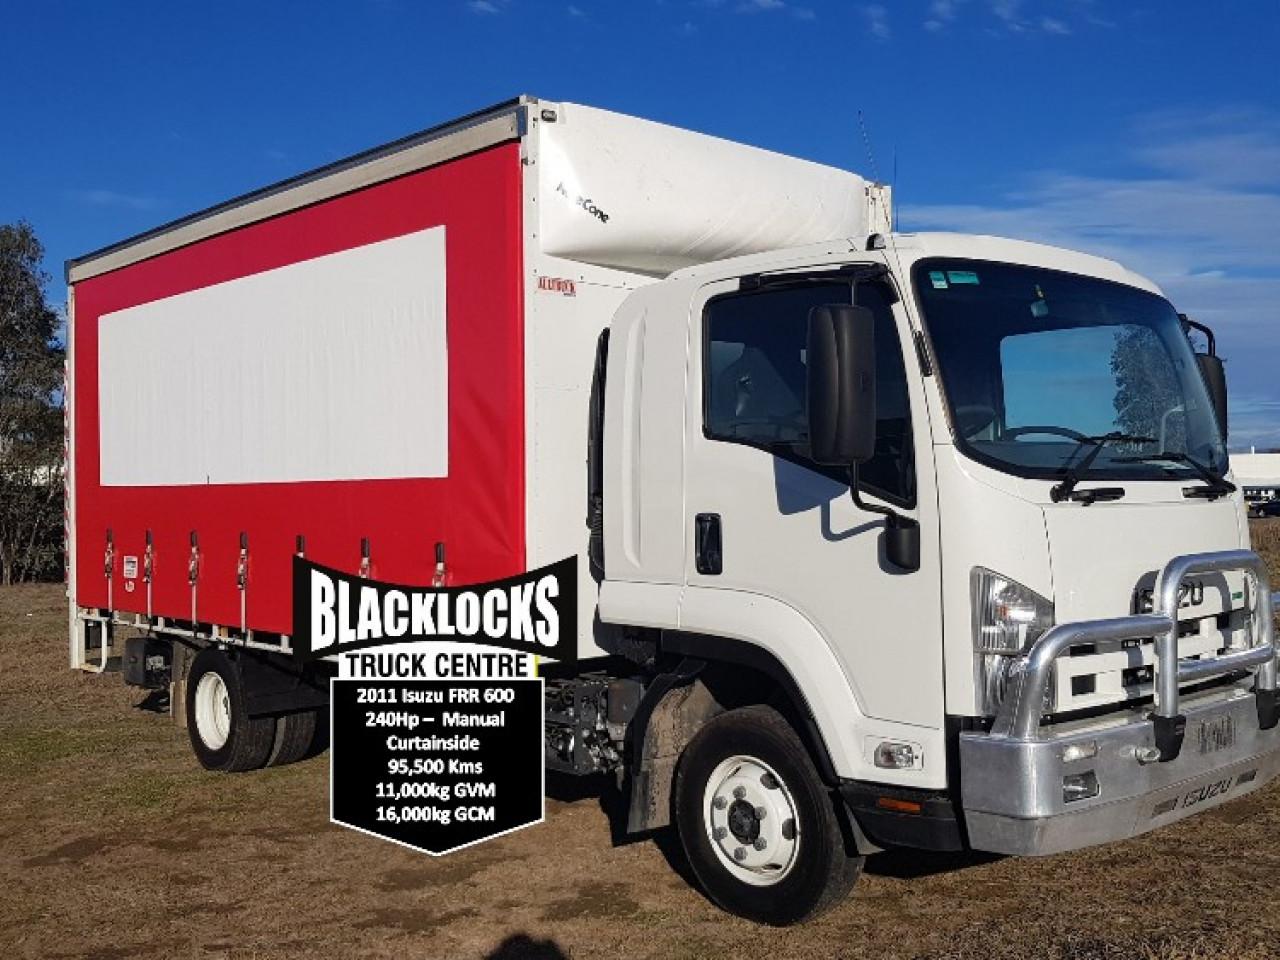 2011 Isuzu F Series F Series Curtainsider Truck